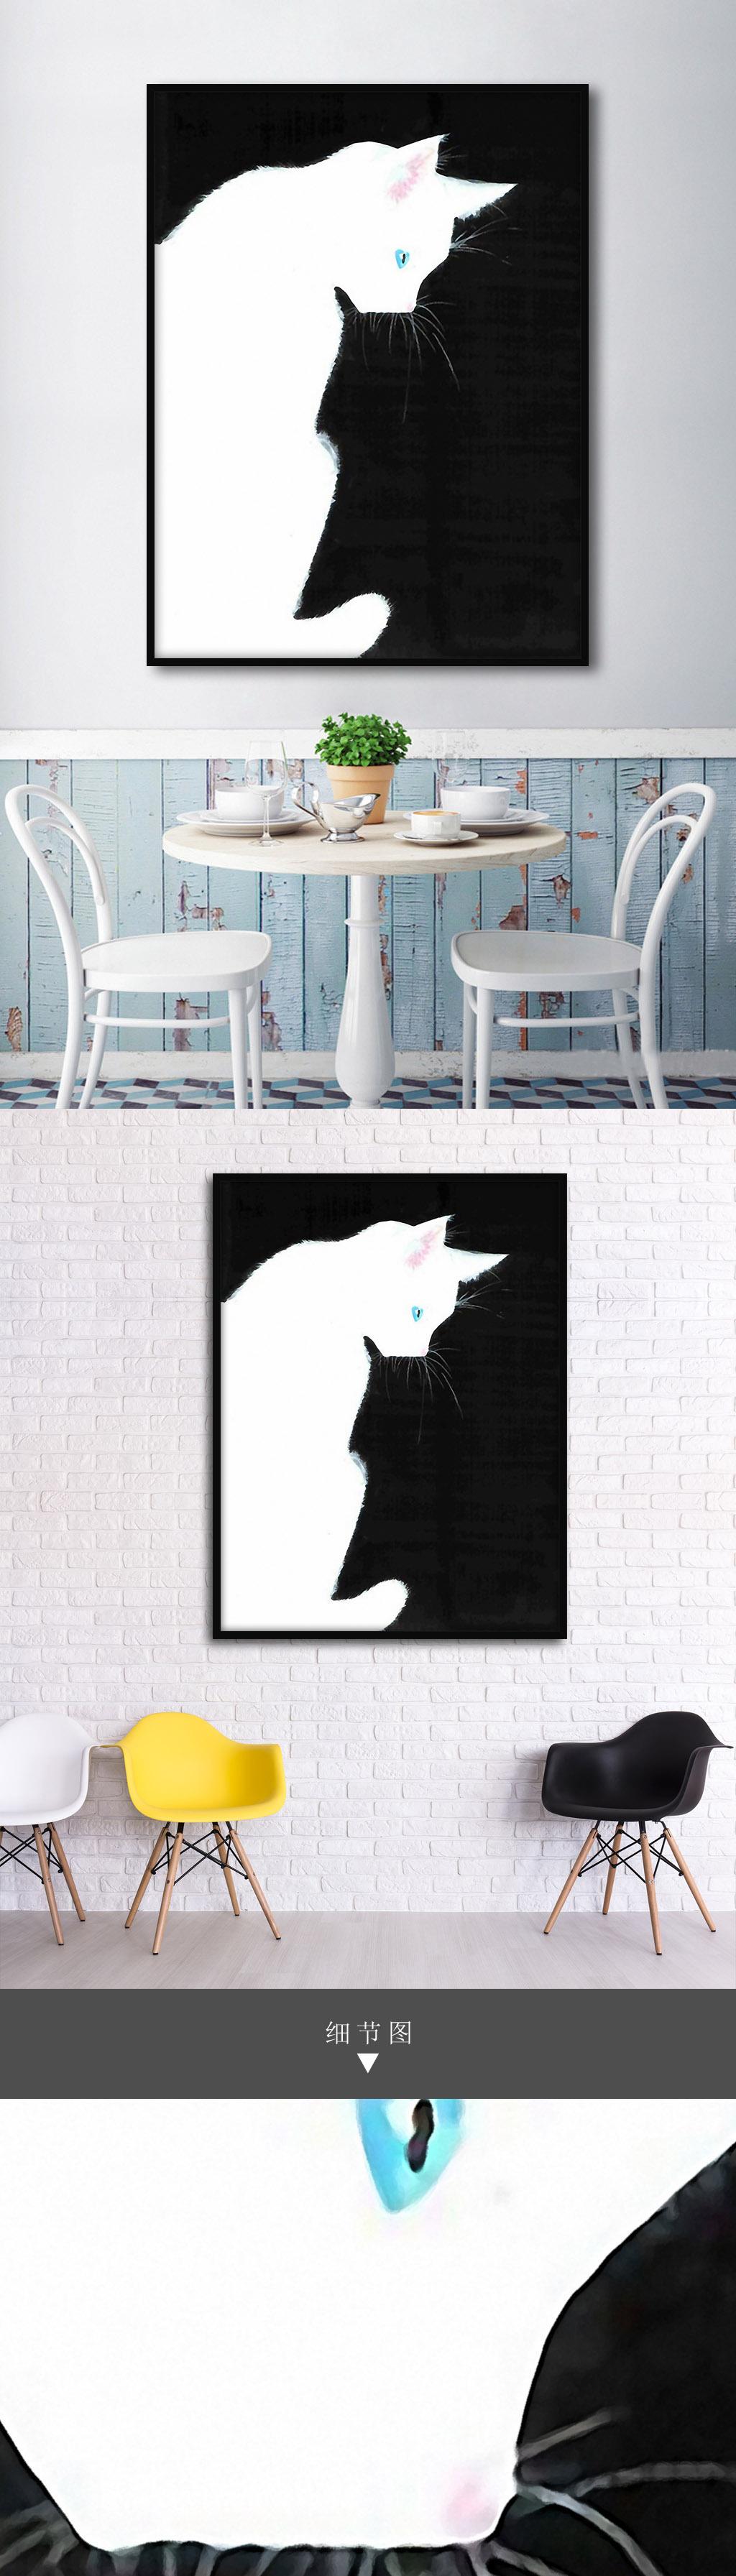 白猫可爱手绘北欧现代黑底黑白时尚装.